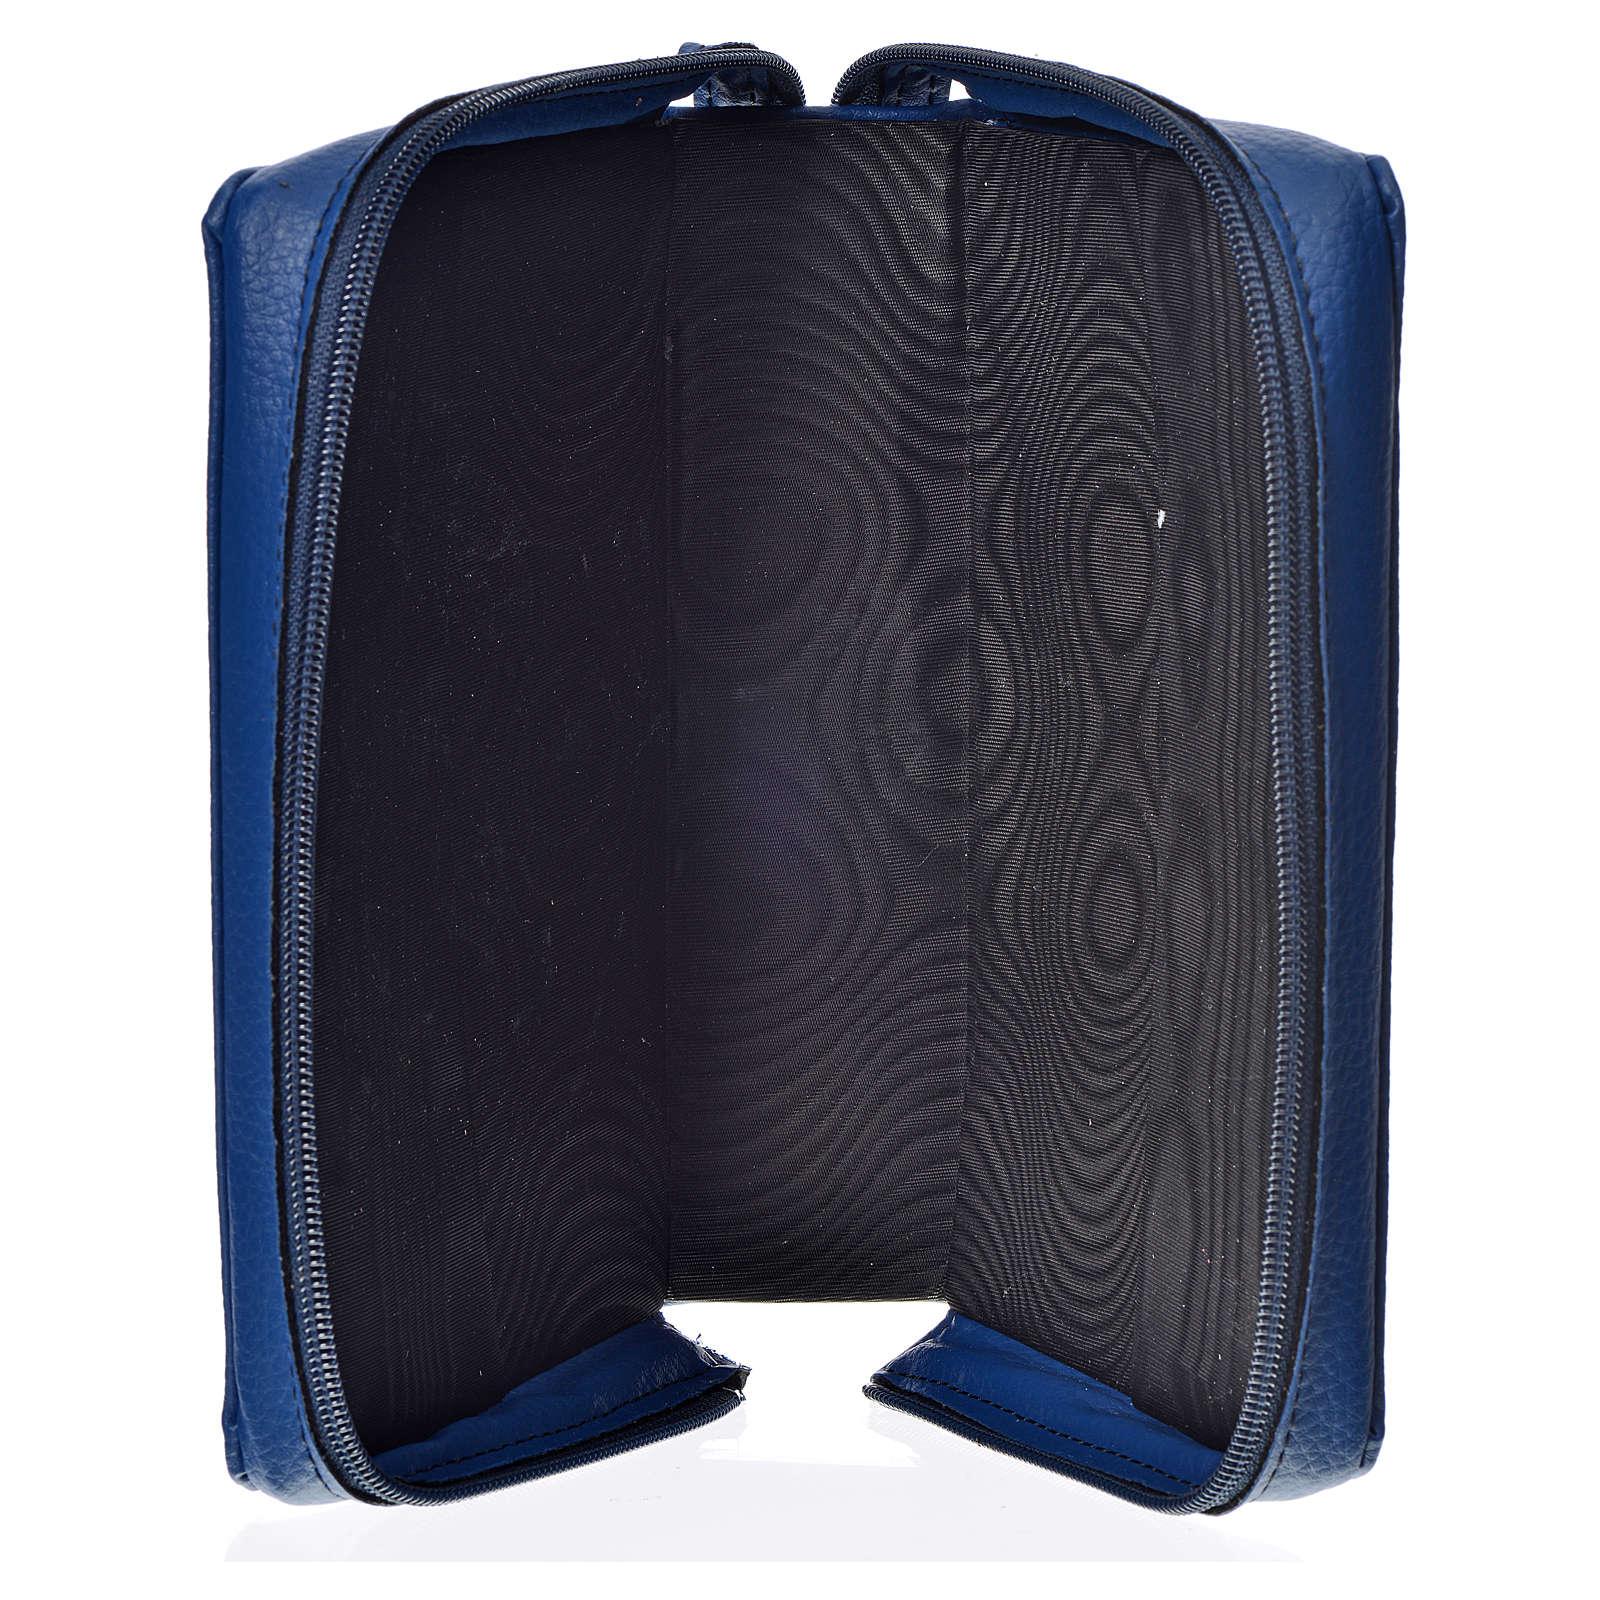 New Jerusalem Bible READER ED. cover, light blue bonded leather 4